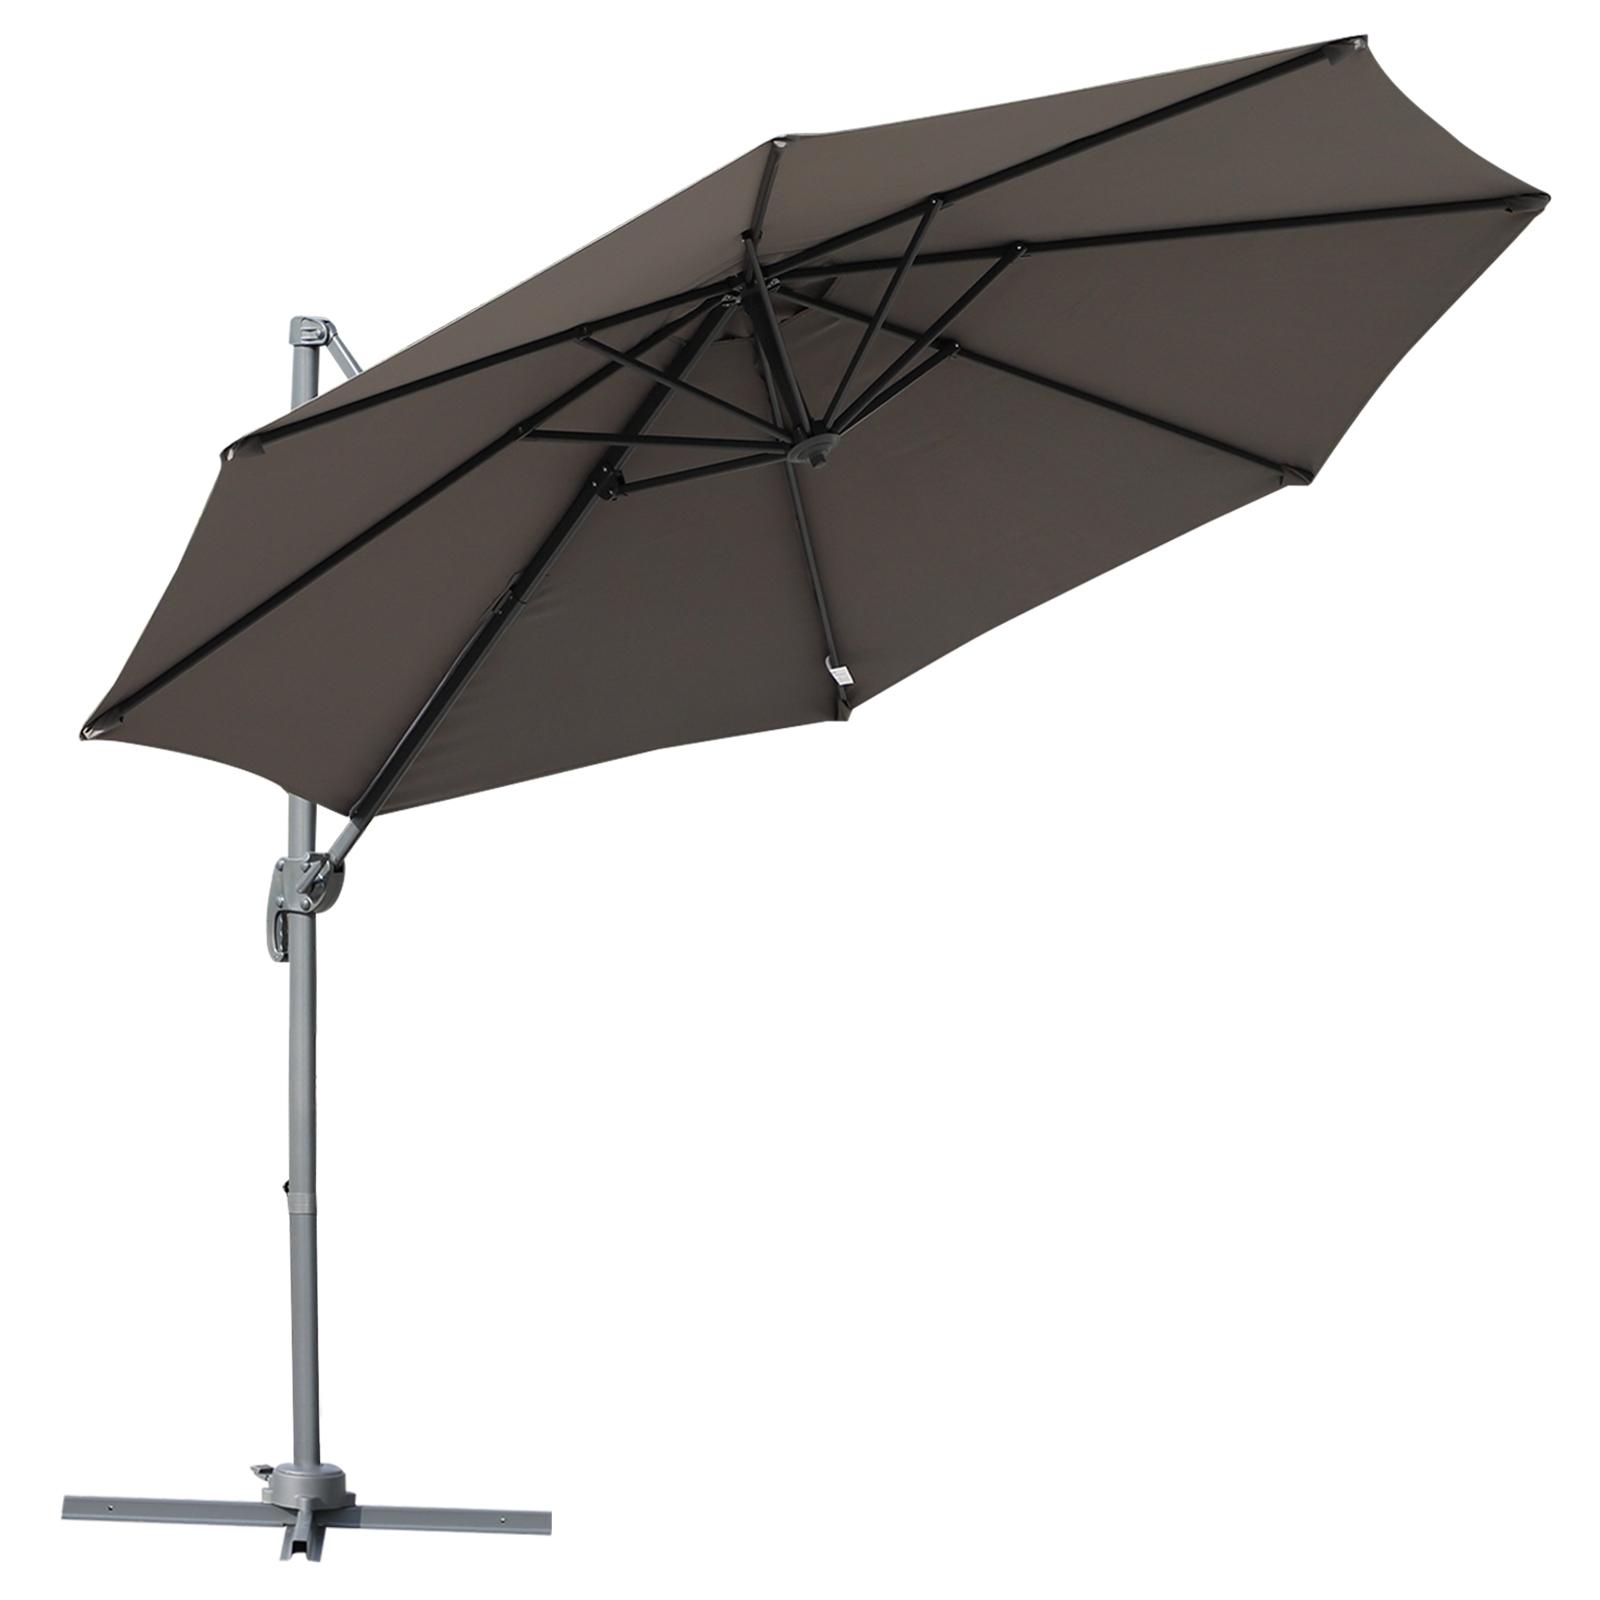 Outsunny Umbrela Soare Descentrata Unghi Inclinabil Rotatie la 360 de Gradina Φ294x248cm imagine aosom.ro